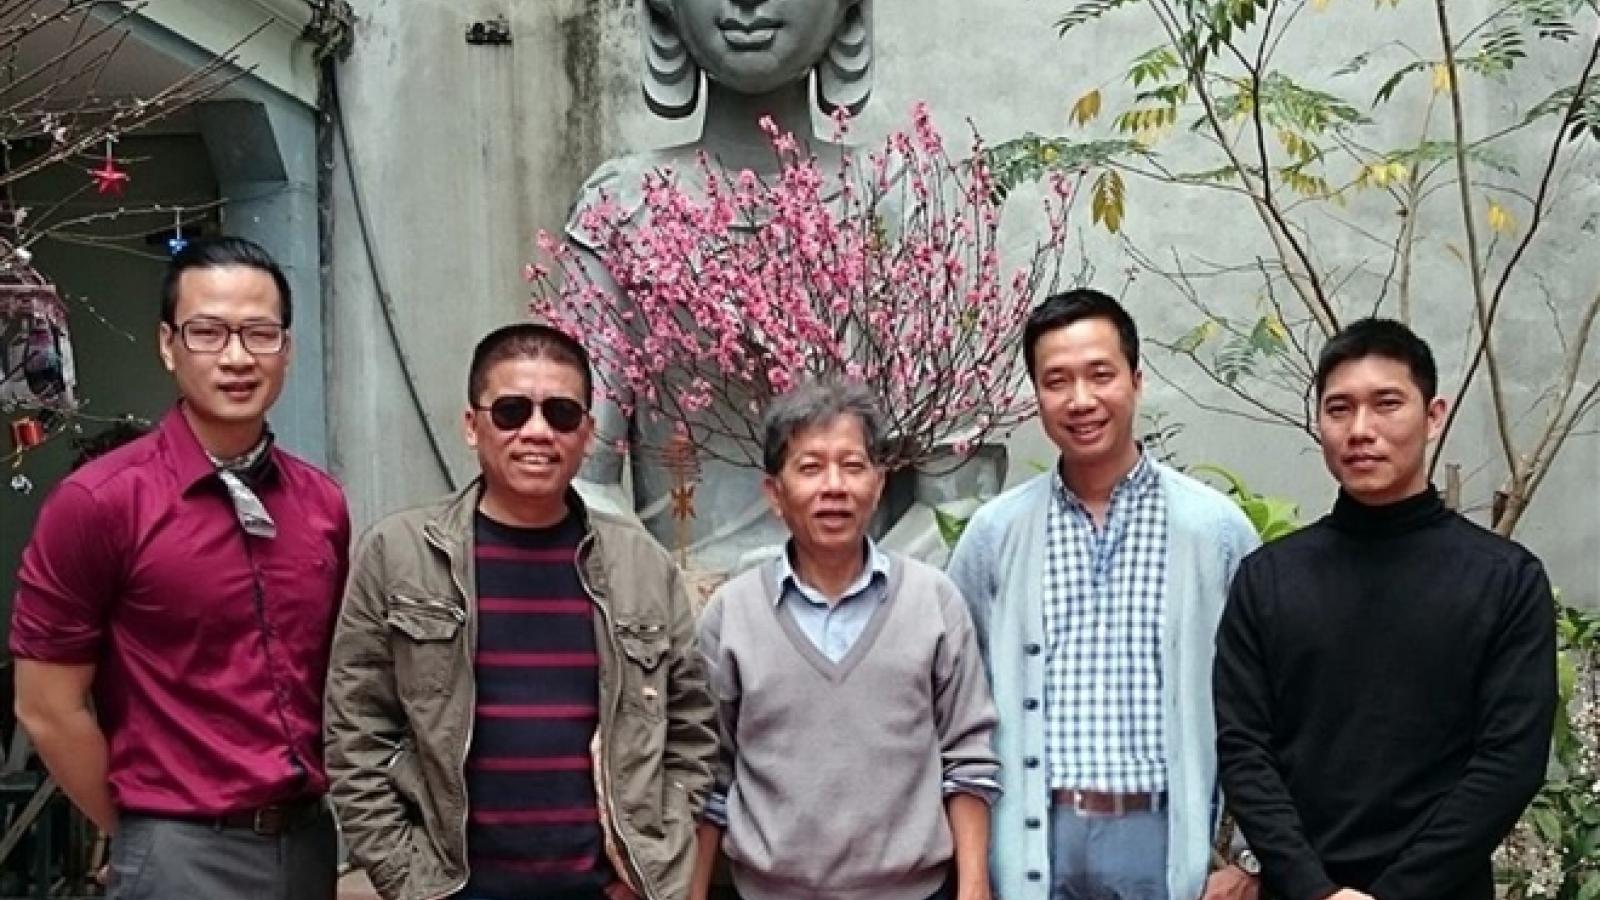 Đồng nghiệp xúc động chia sẻ kỷ niệm về nhà văn Nguyễn Huy Thiệp